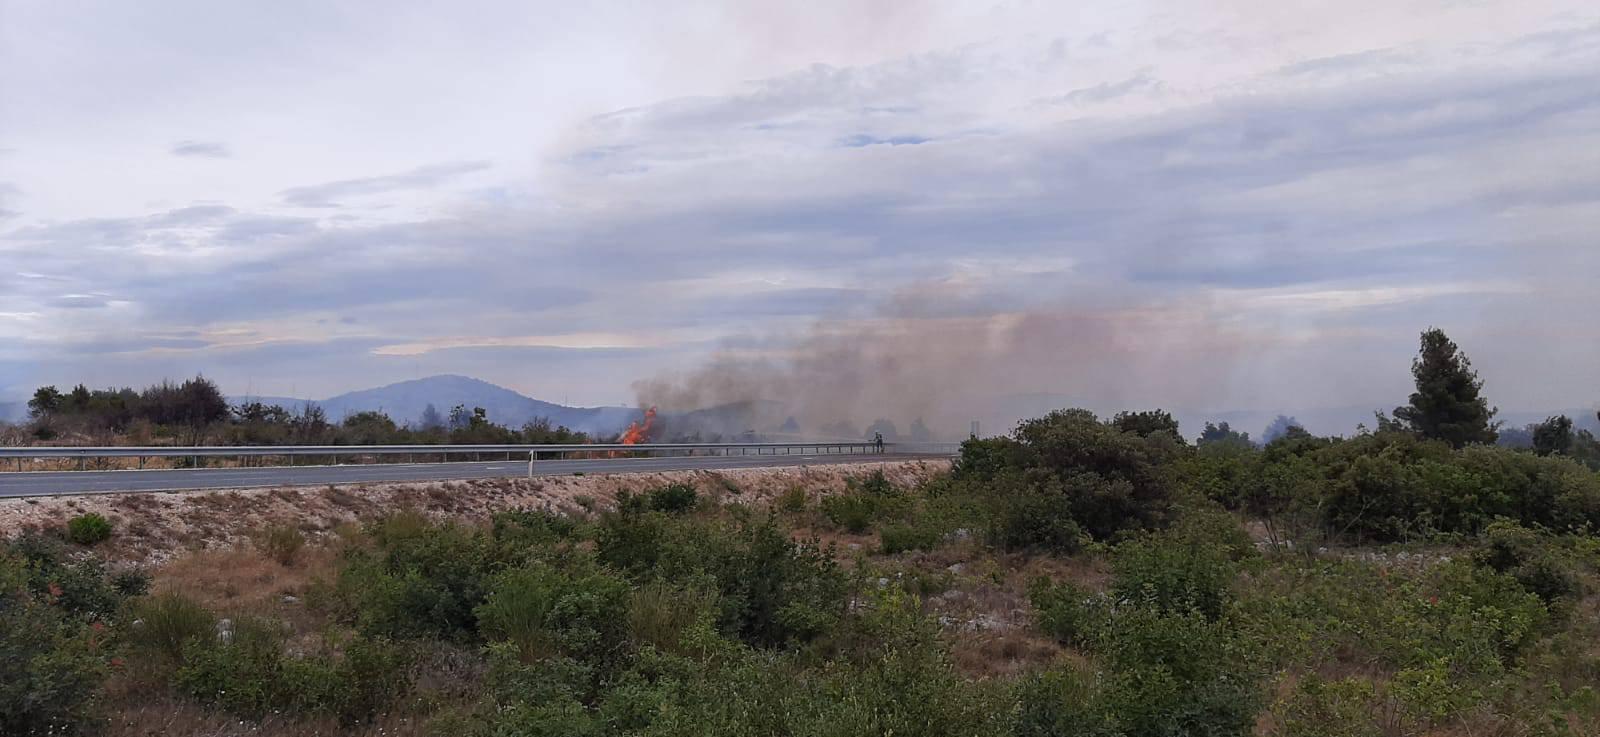 Gori kod Vodica: 'Magistrala je zatvorena, sve je puno dima'